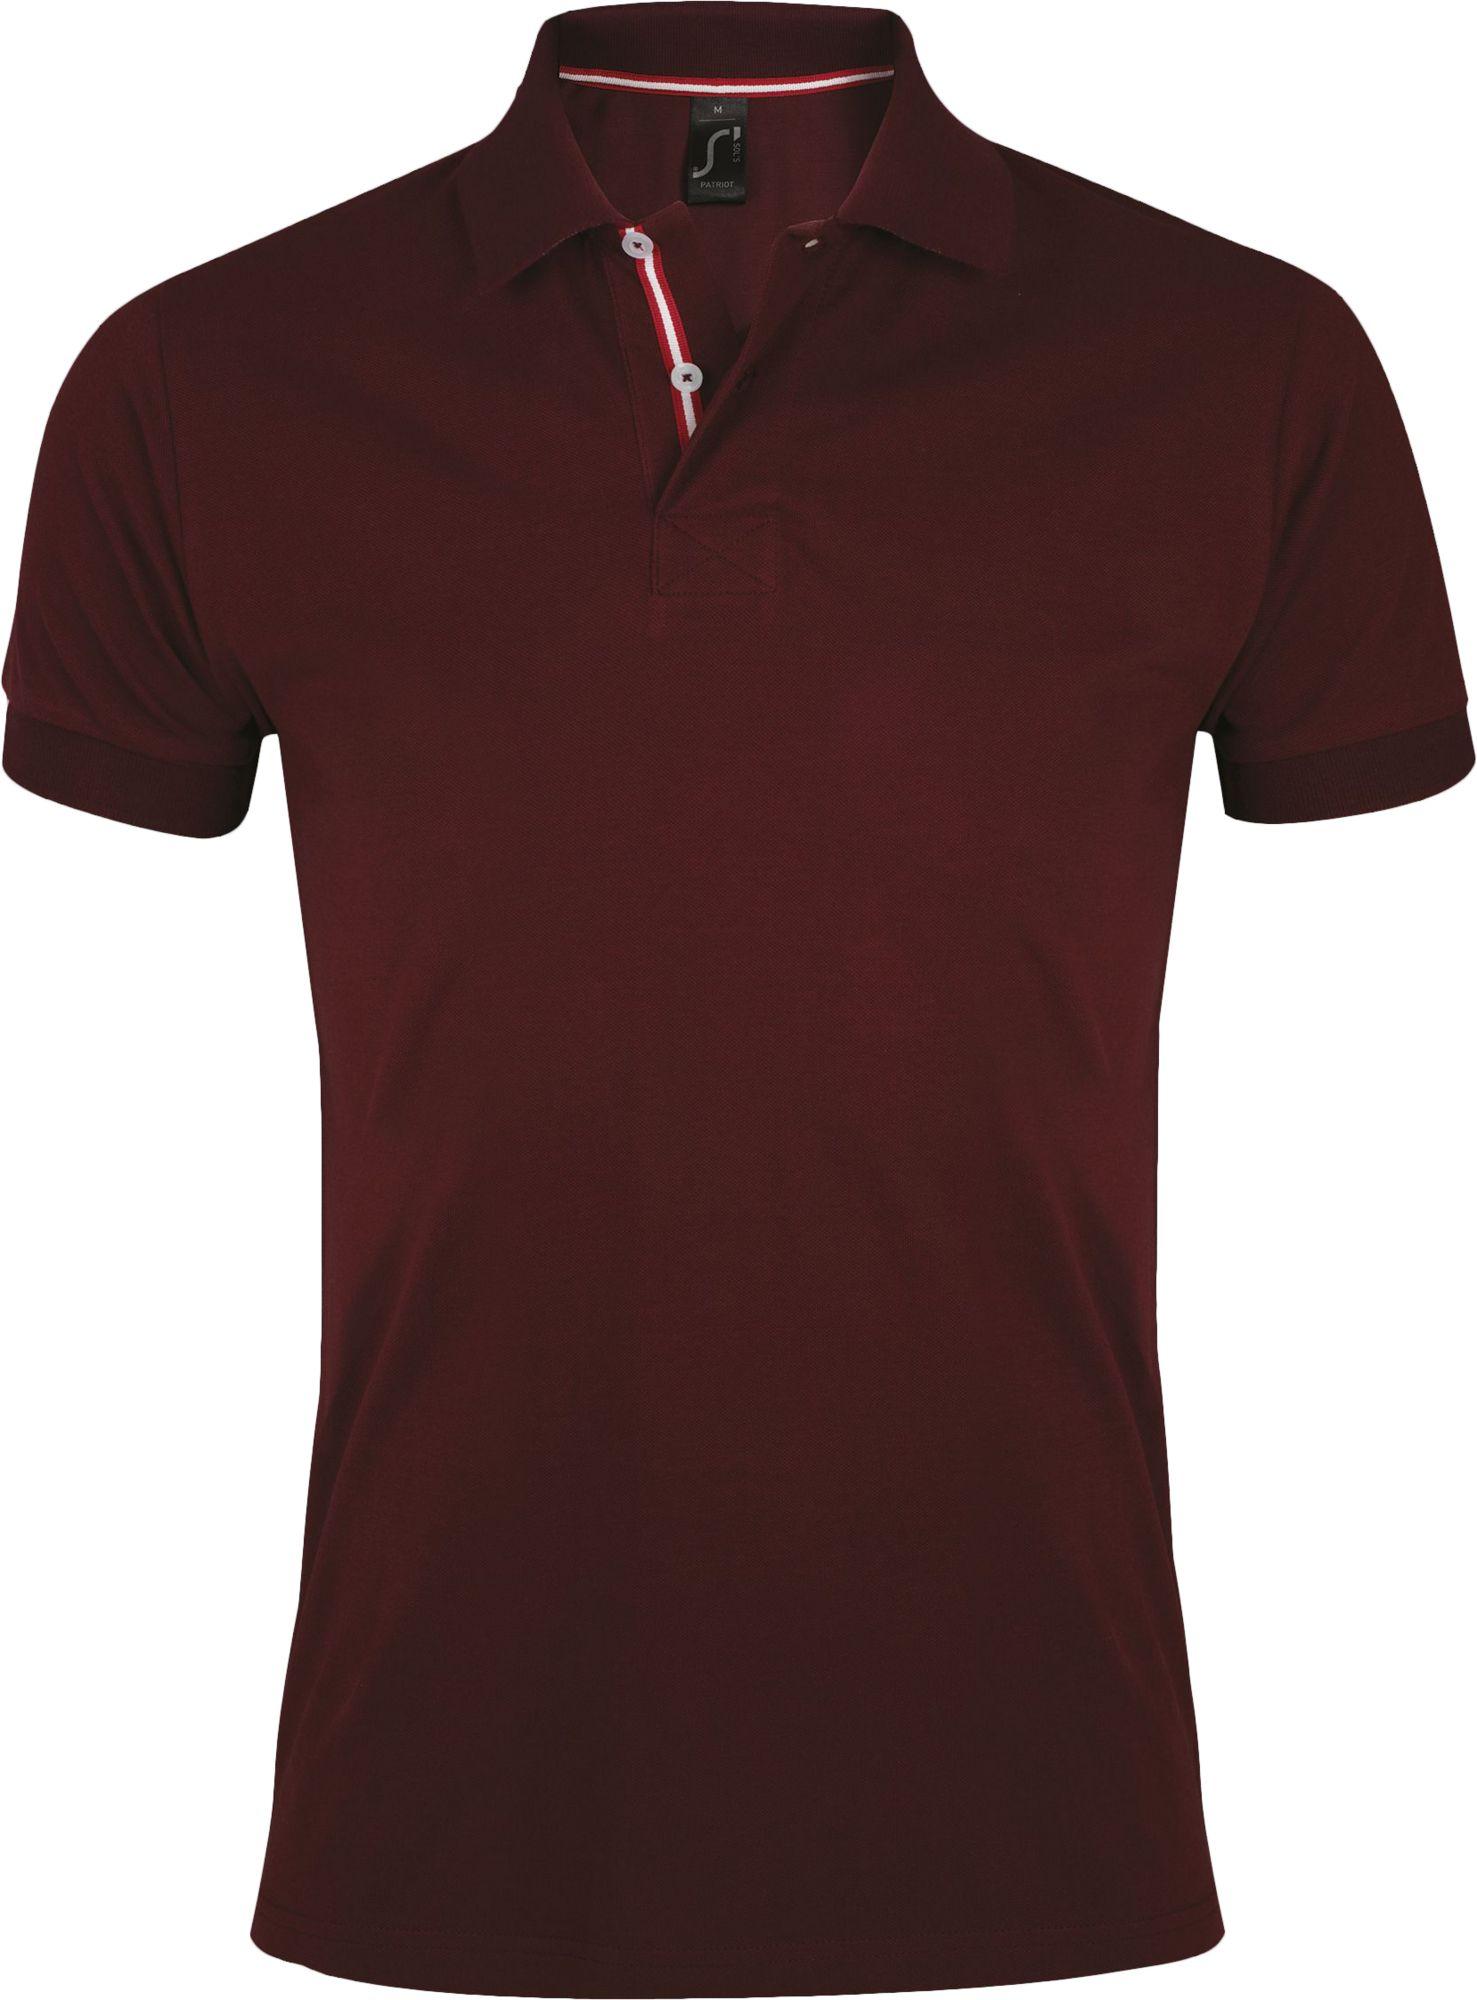 Рубашка поло мужская PATRIOT 200, бордовая с красным